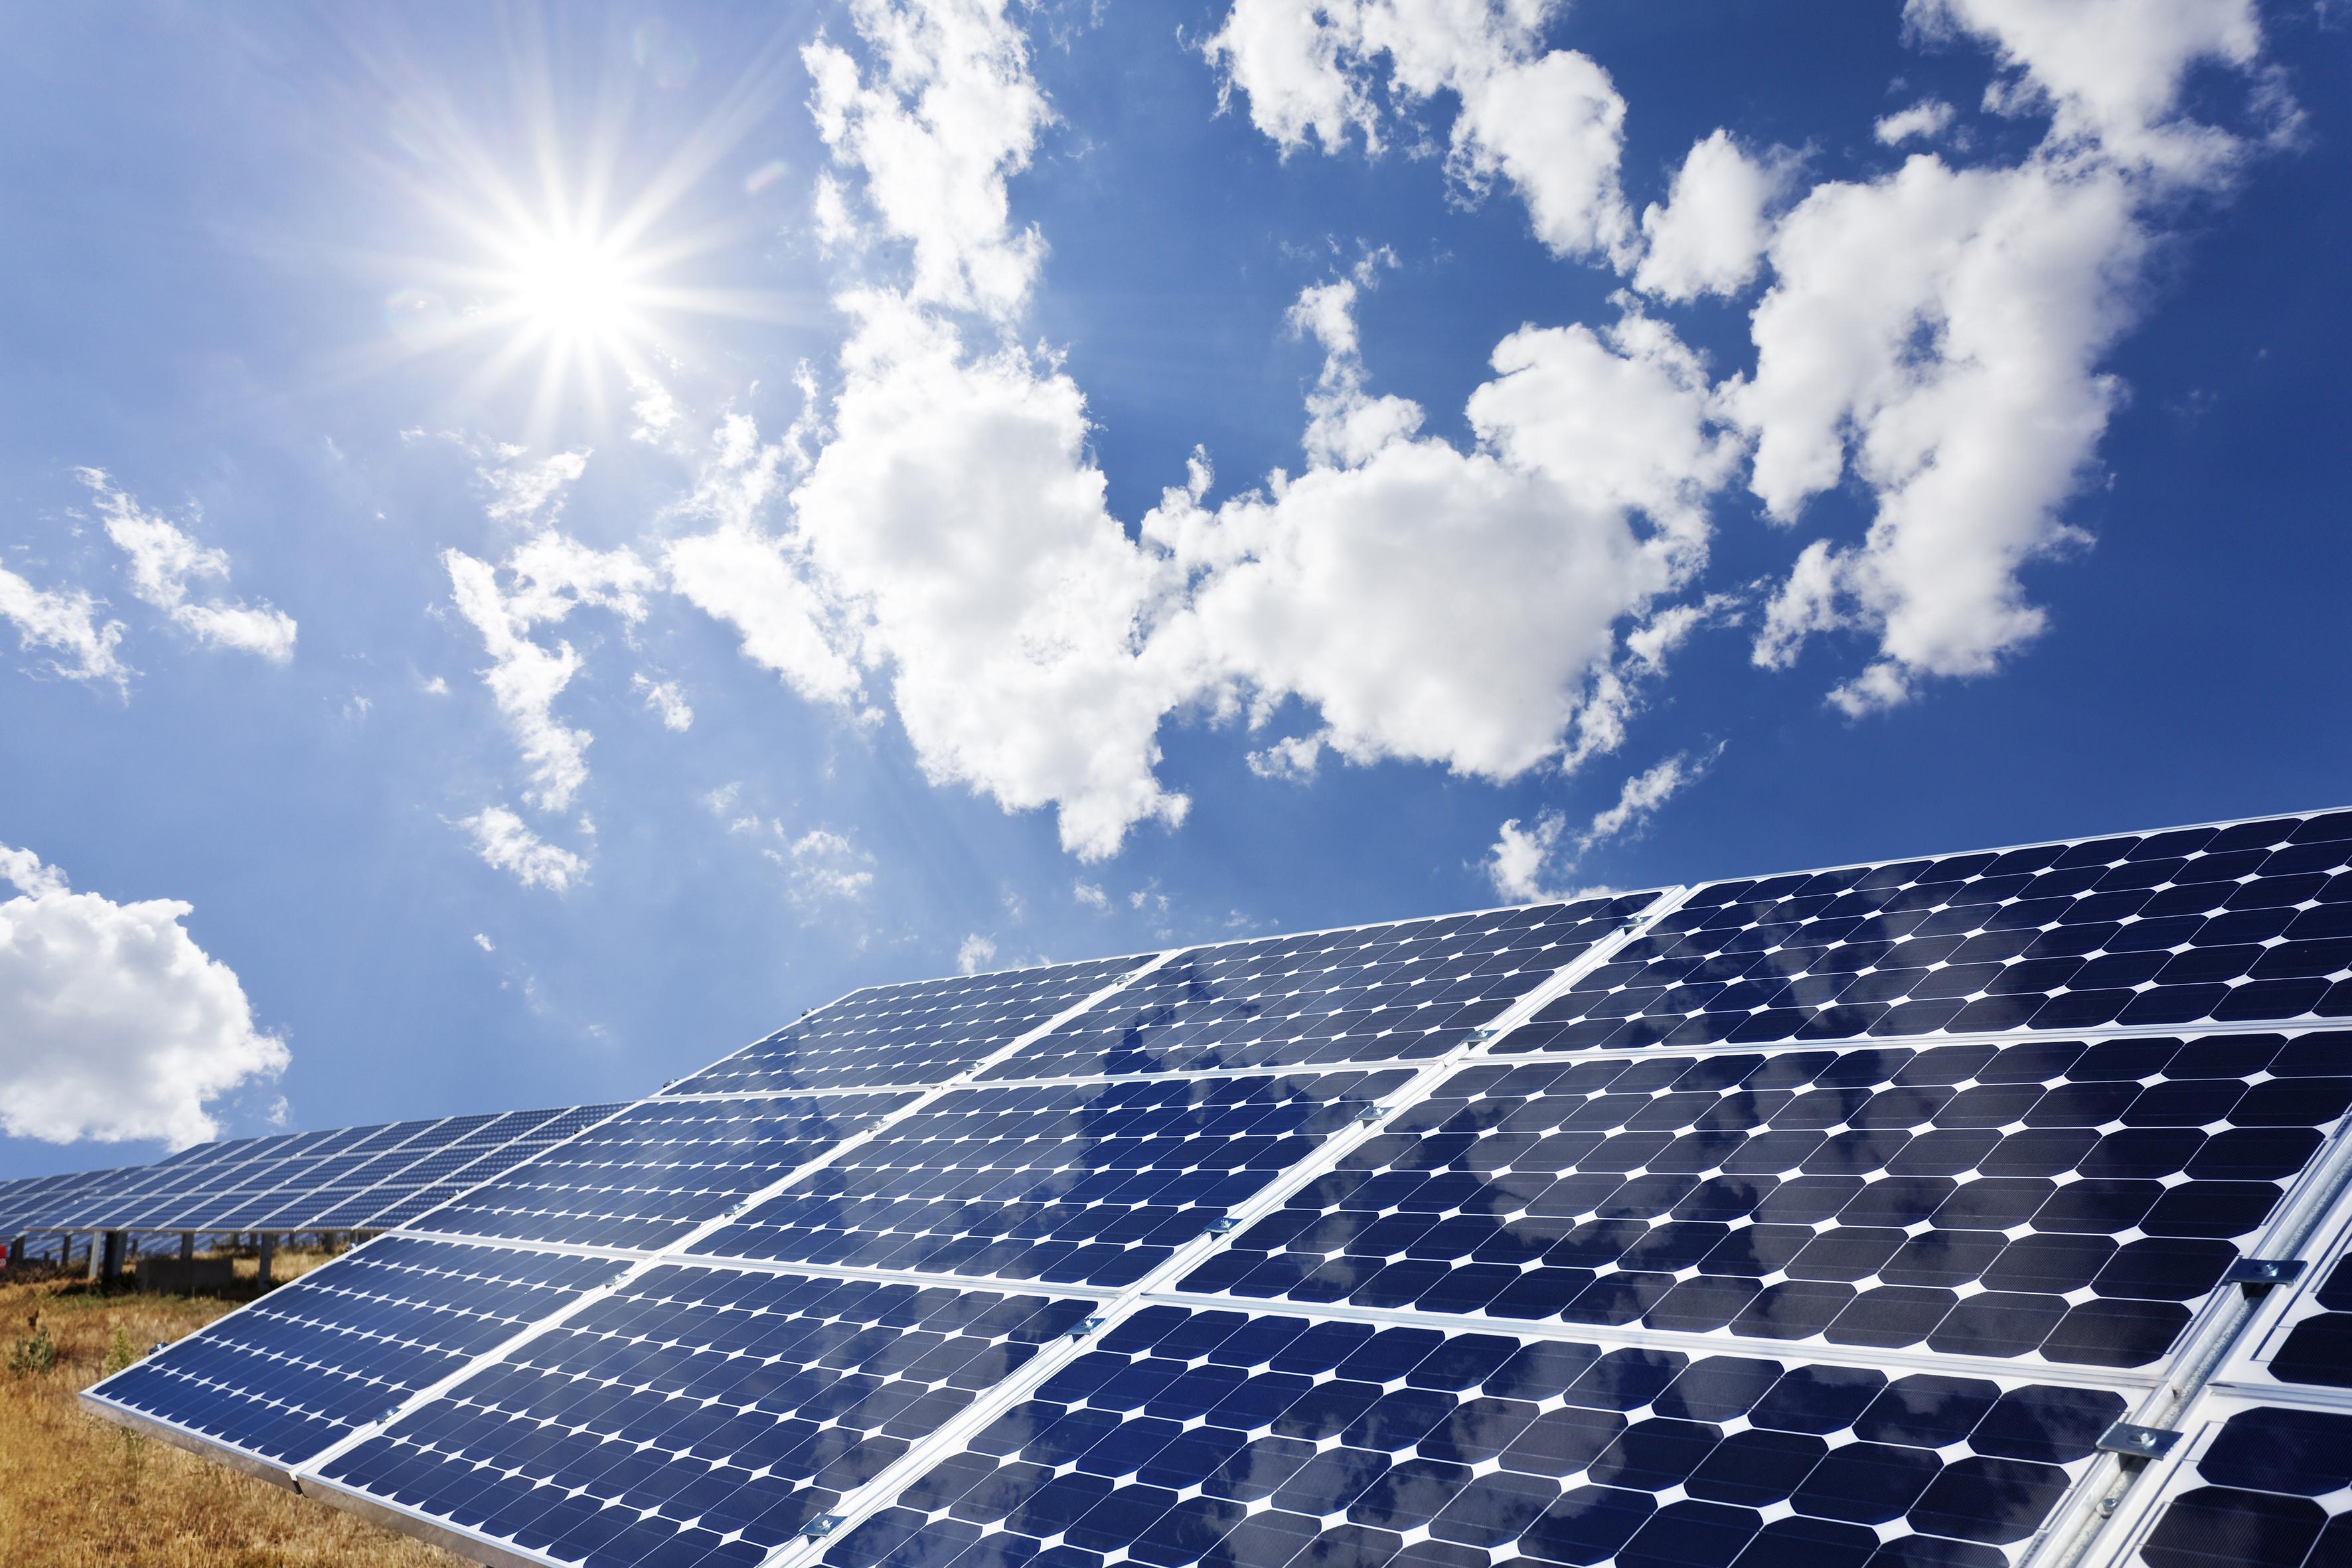 Zu den neuesten Entwicklungen des Multitechnologiekonzerns zählt eine Flüssigkeit zur nachträglichen Entspiegelung von Glasflächen, die den Lichteinfall in Gewächshäuser und Solaranlagen steigert und so die Erträge deutlich erhöht.